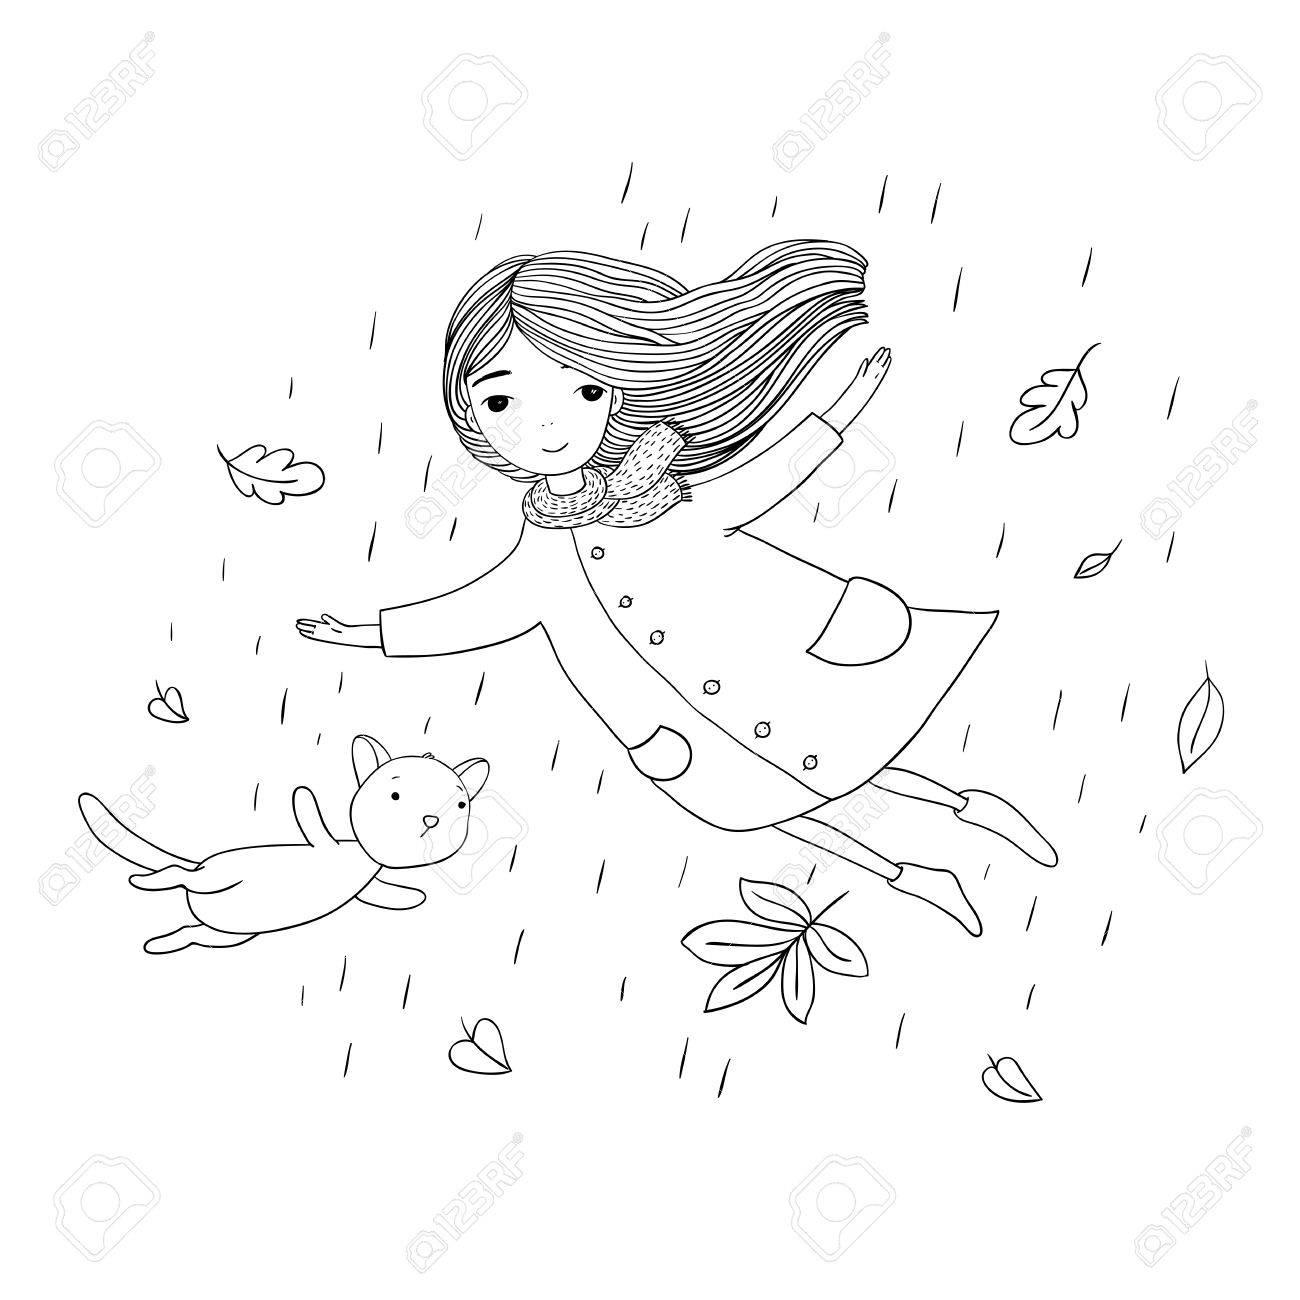 Coloriage Chat Volant.Belle Petite Fille Et Un Chat Mignon De Bande Dessinee Volant Avec